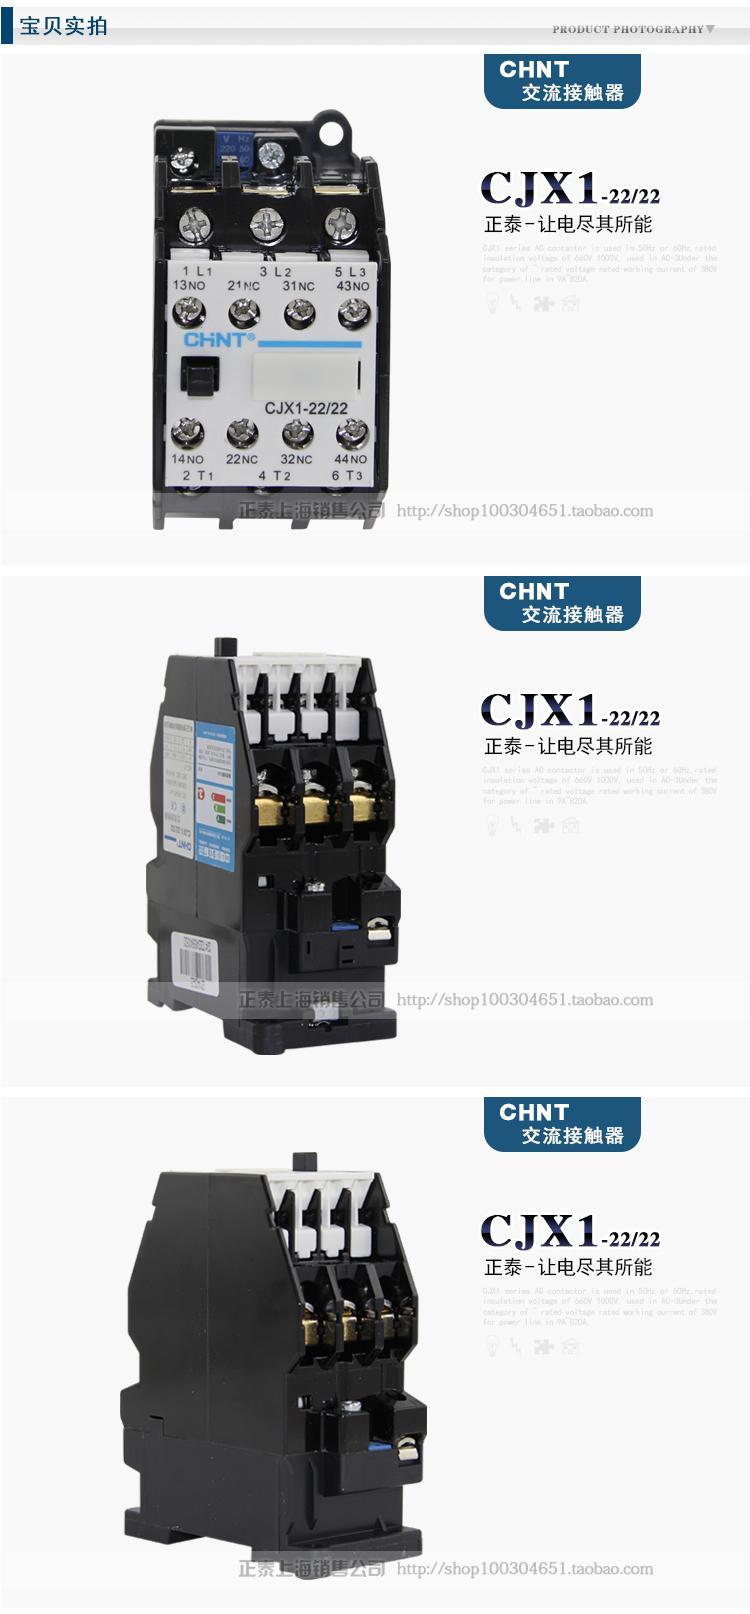 Nouveau CHNT AC Contacteur CJX1-16//22 220 V Livraison gratuite